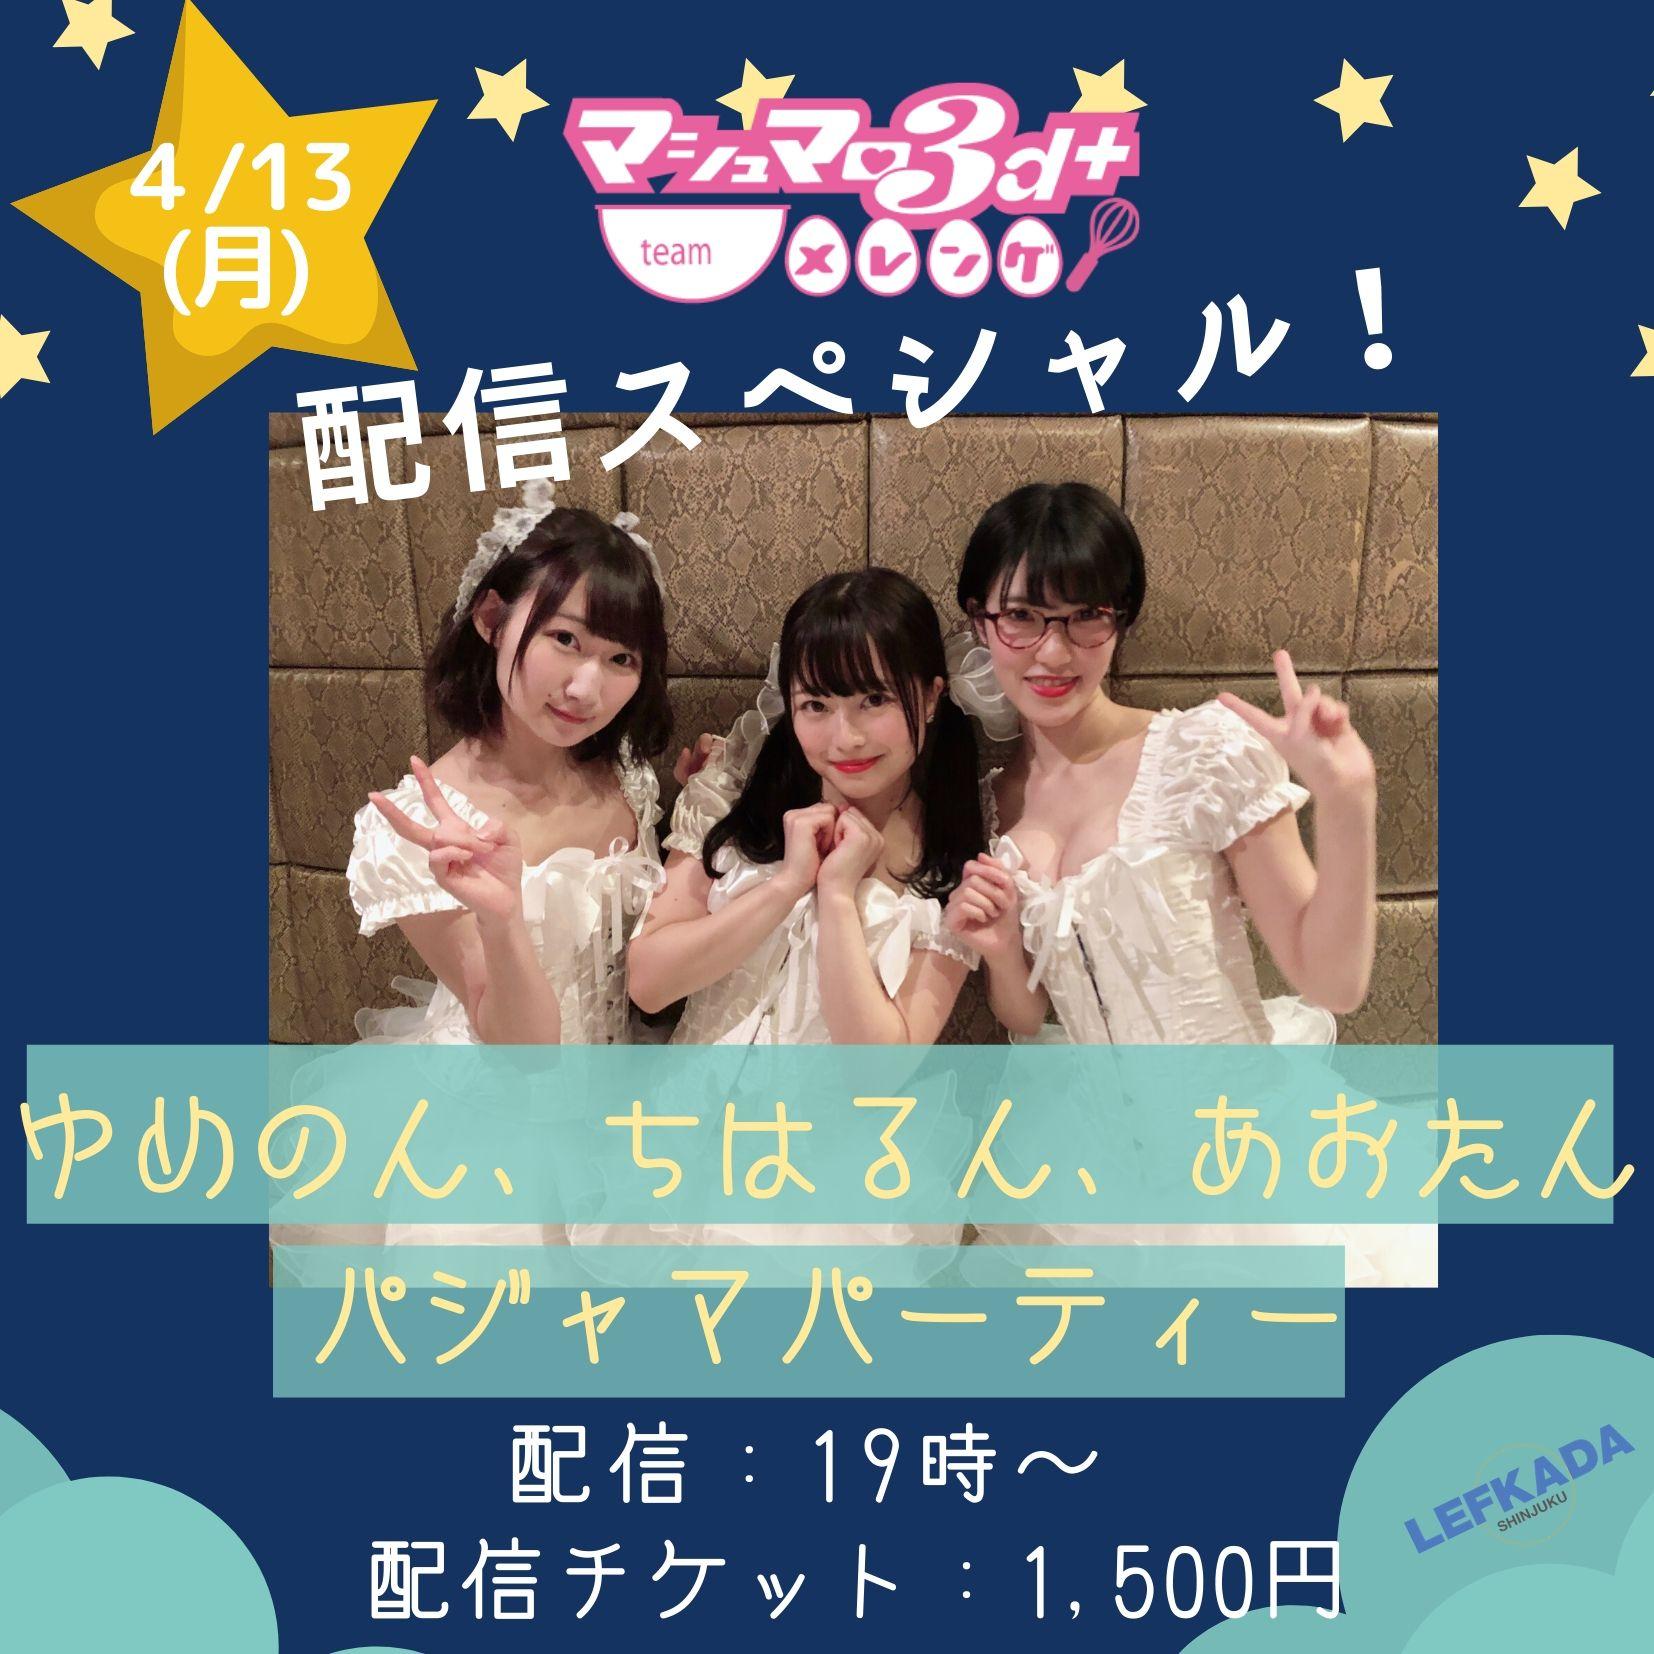 無観客有料配信 『マシュマロ3d+ team メレンゲ 配信スペシャル ~ゆめのん、ちはるん、あおたん パジャマパーティー!~』